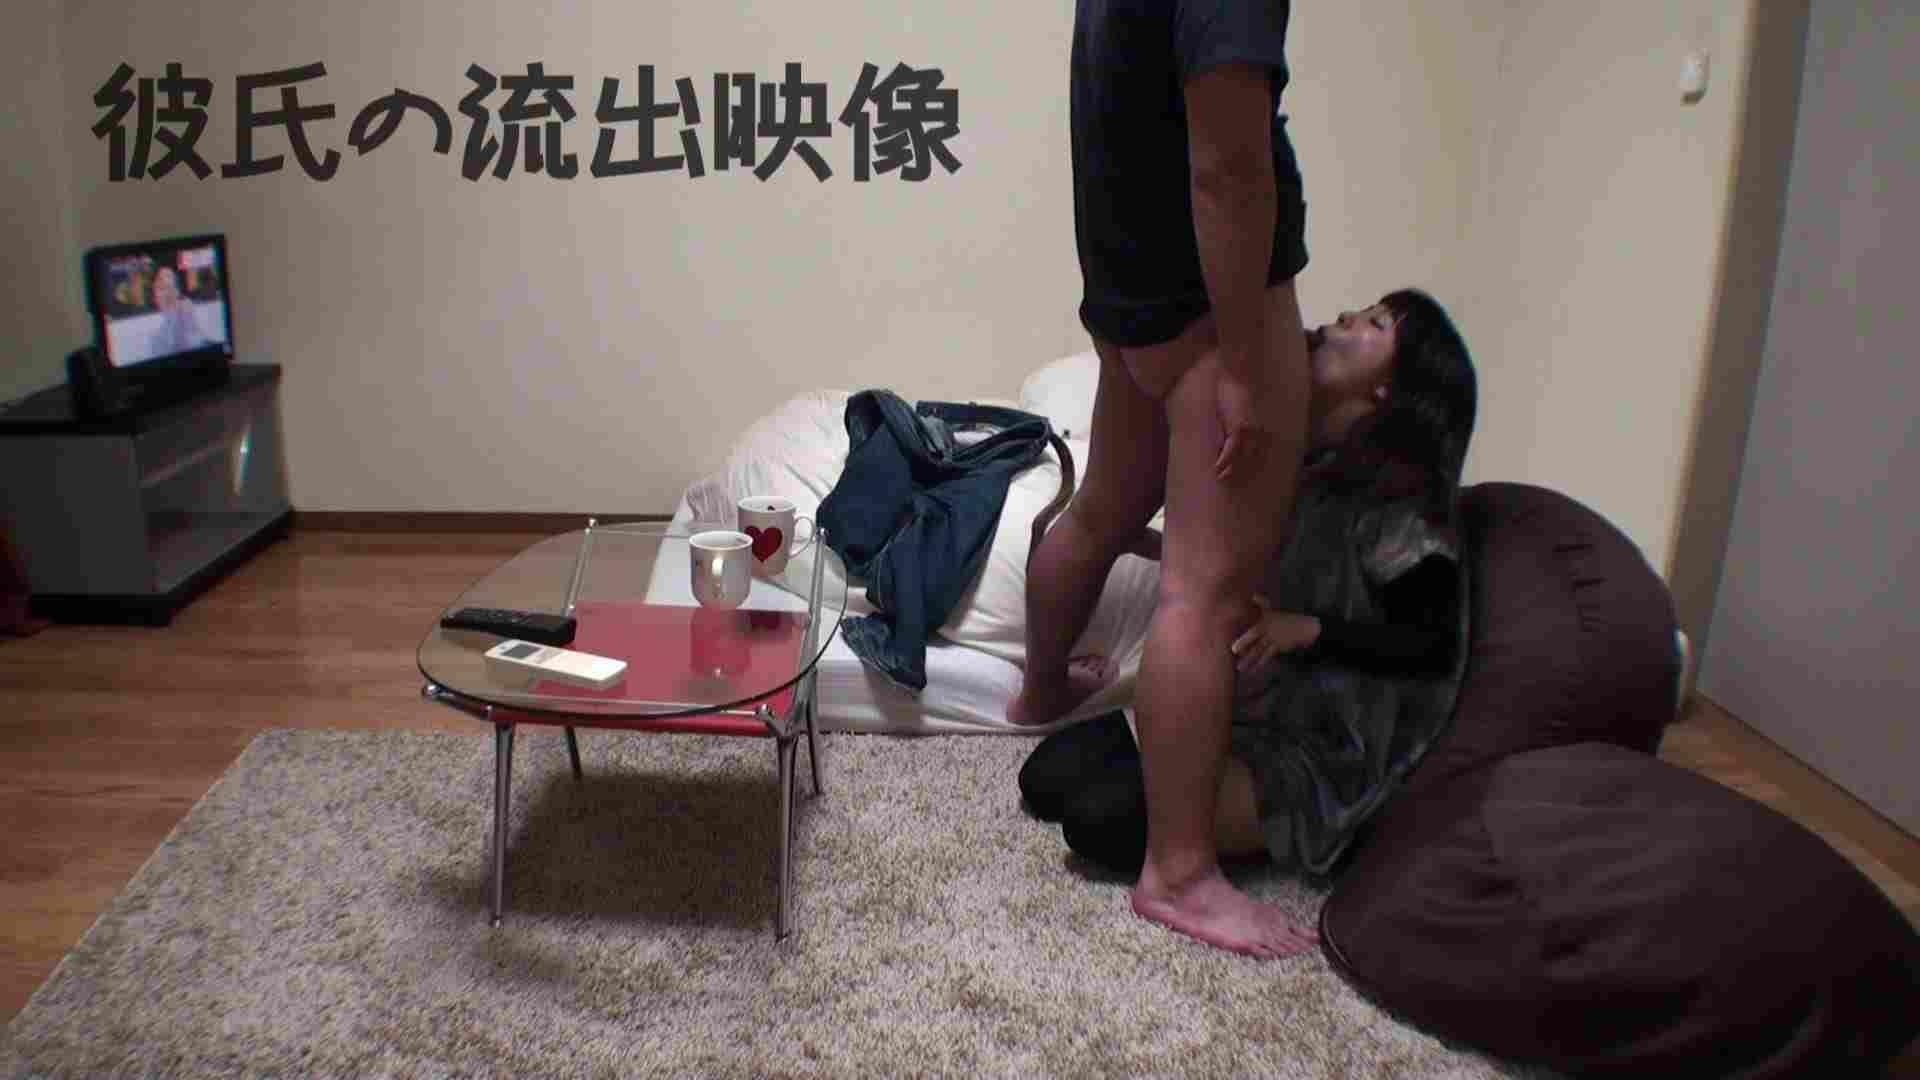 彼氏が流出 パイパン素人嬢のハメ撮り映像02 中出し AV動画キャプチャ 79pic 17